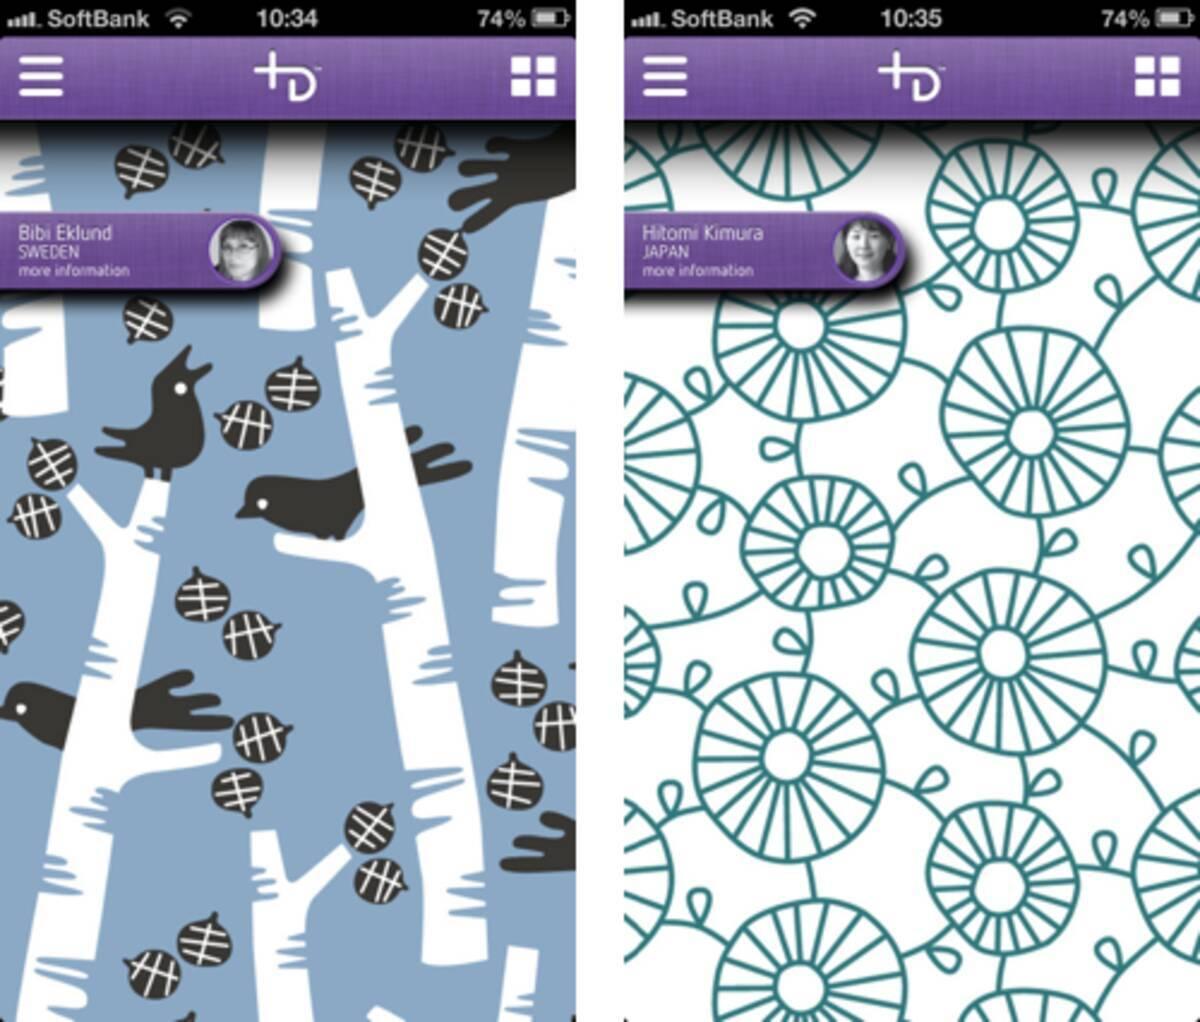 北欧アーティストによる ハイセンスな壁紙アプリ Lab C D 13年4月12日 エキサイトニュース